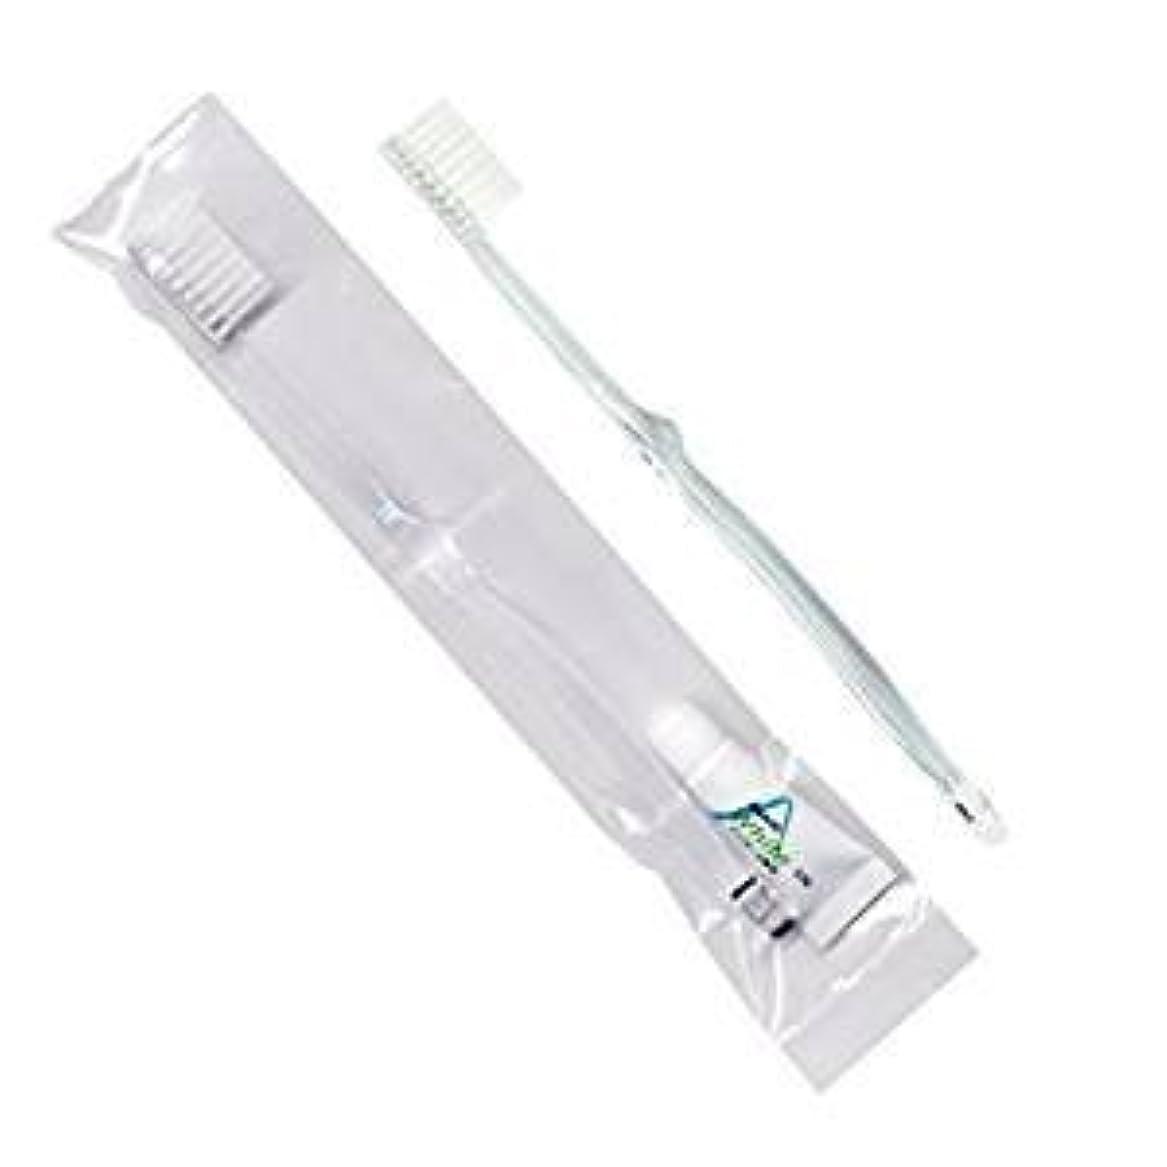 エンジニアリングマイナー被害者ホテル業務用歯ブラシ28穴(クリア)3.5gチューブ OP袋Sタイプ 50本